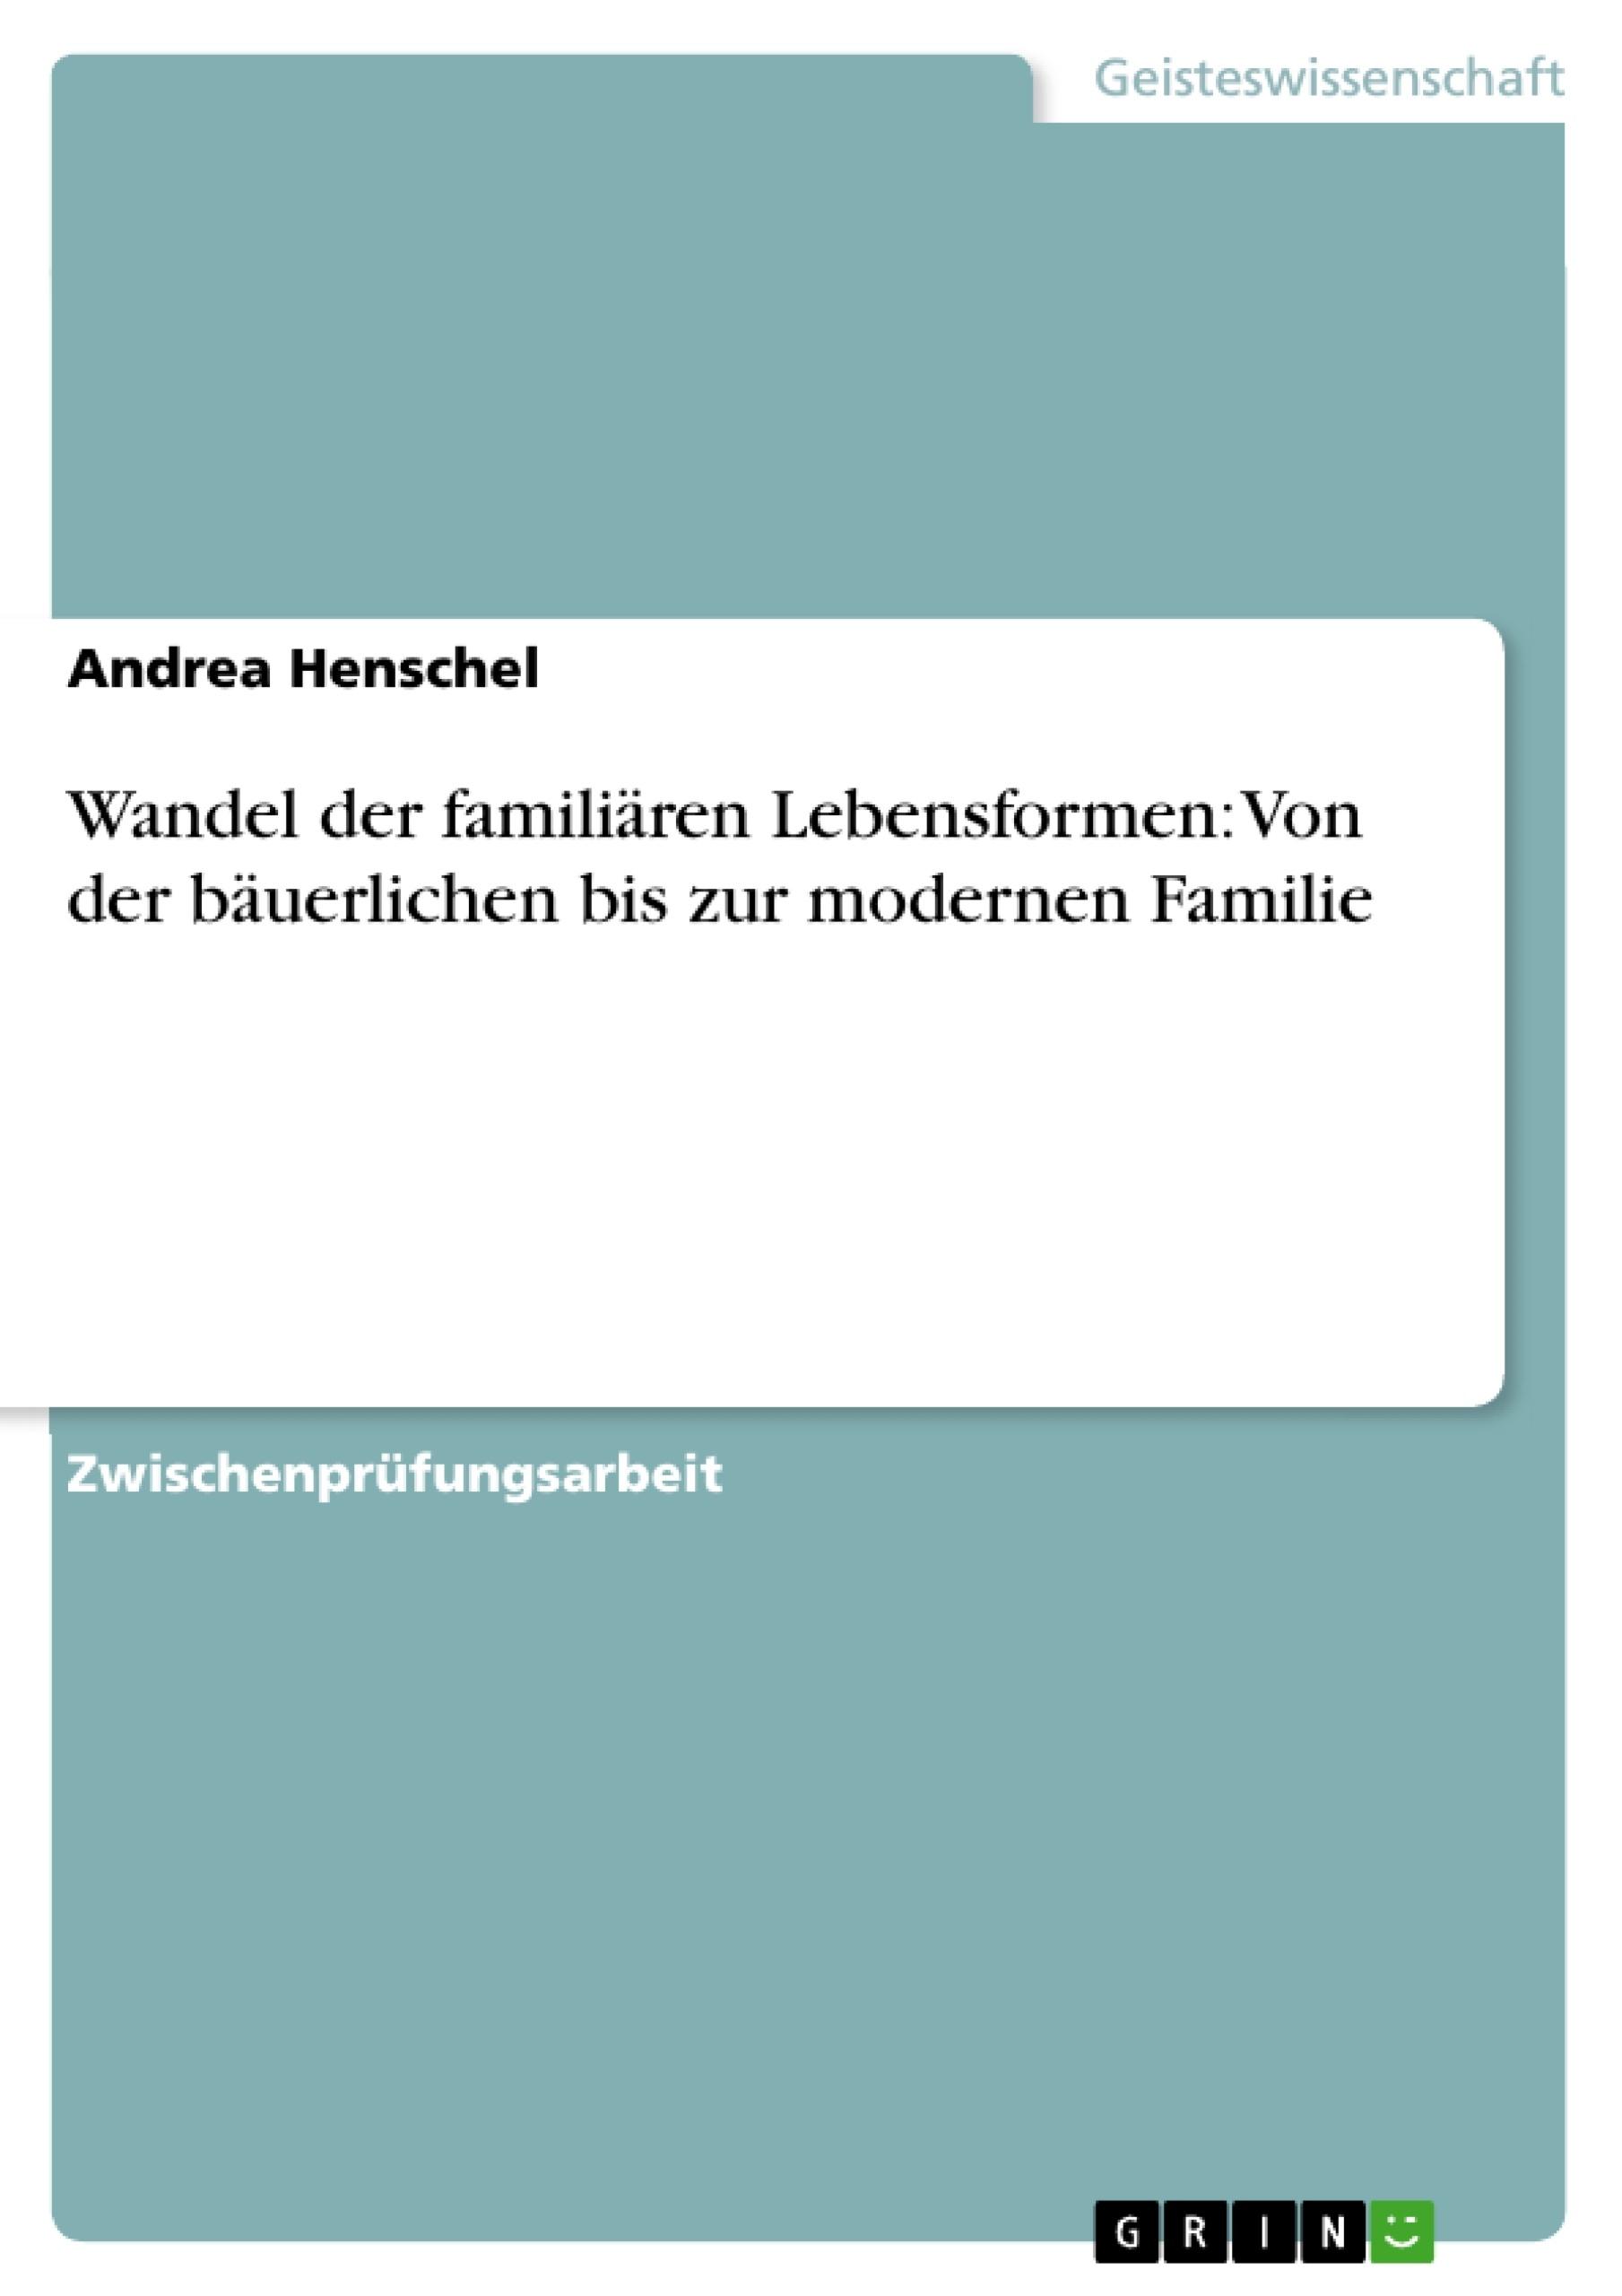 Titel: Wandel der familiären Lebensformen: Von der bäuerlichen bis zur modernen Familie